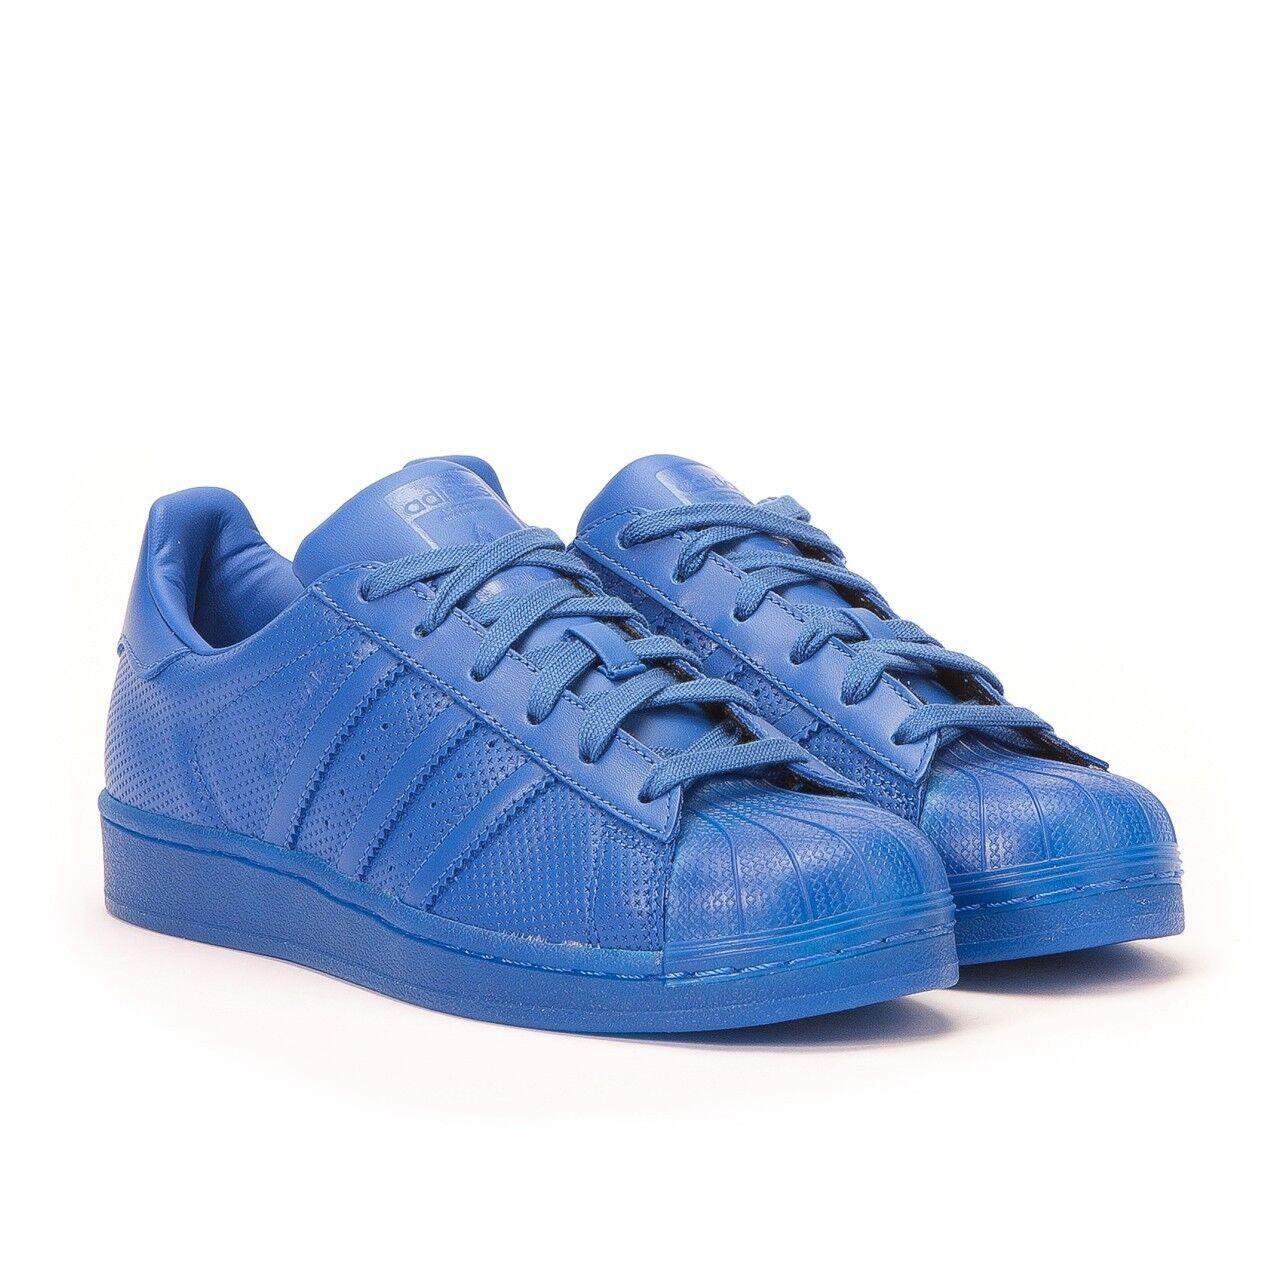 Adidas Originals Men's & Women's adicolor Superstar Trainers Sneakers bluee